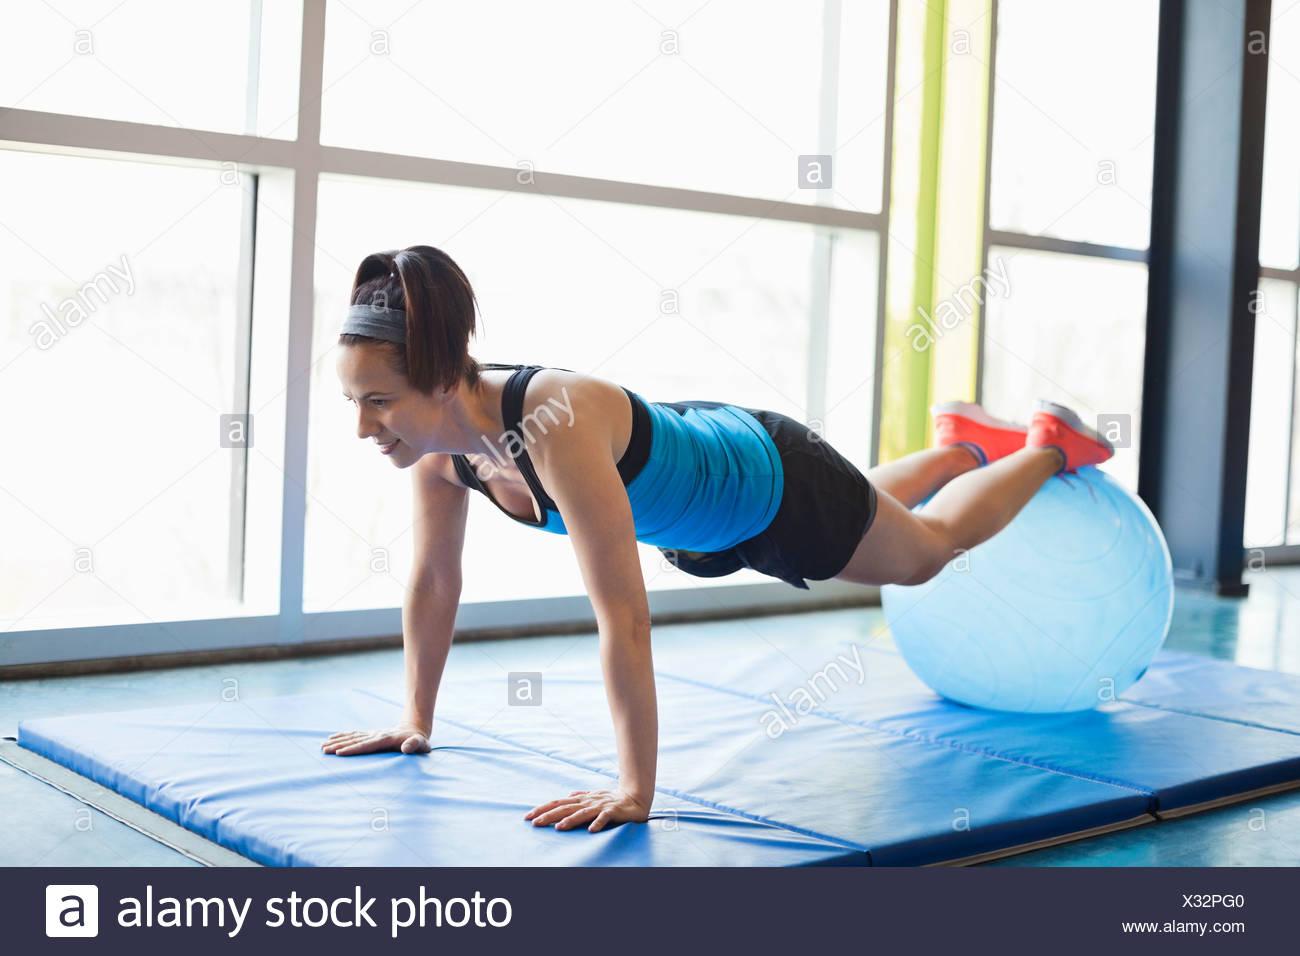 Mujer hacer ejercicio con pelota de fitness en el gimnasio Imagen De Stock